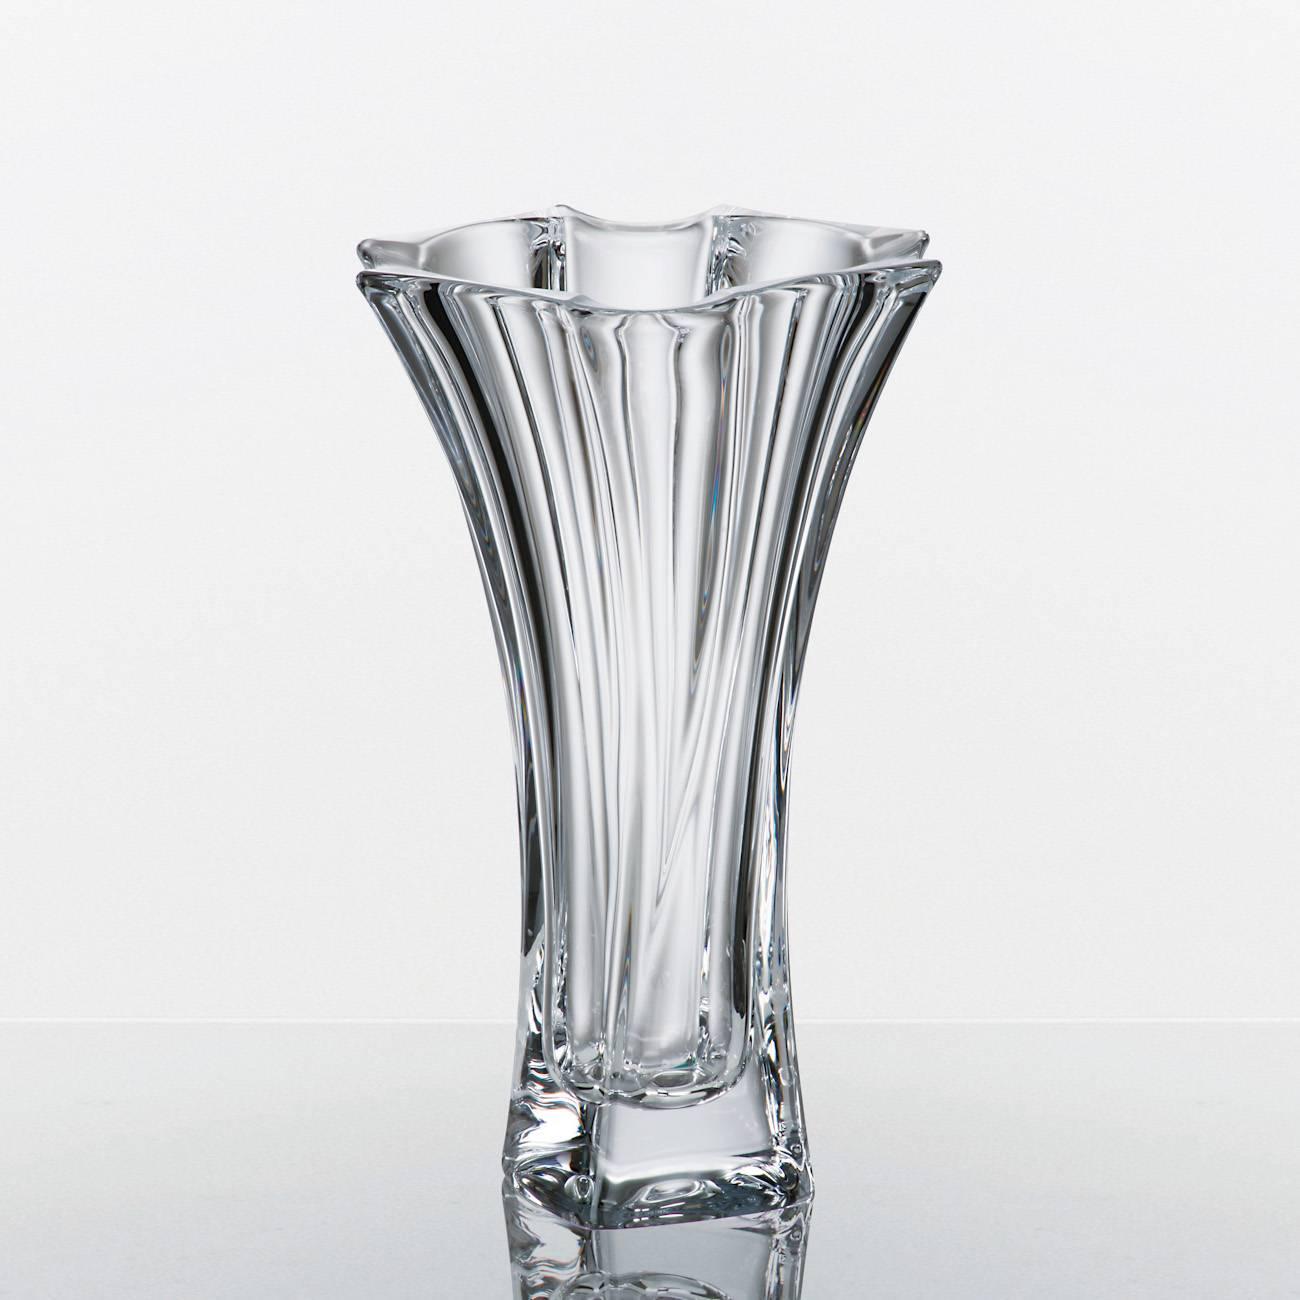 Vaso Neptun Acinturado em Cristal - Bohemia Crytalite - 26,5 cm